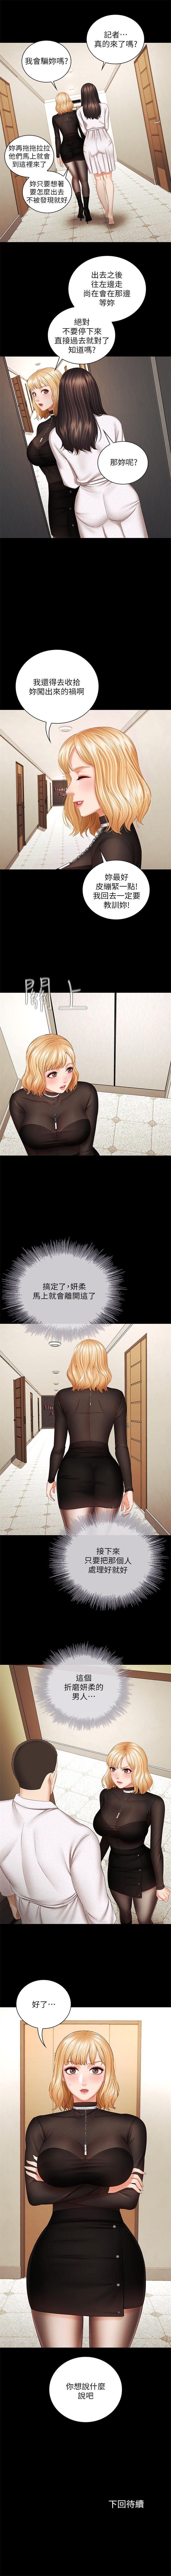 妹妹的義務 1-38 官方中文(連載中) 316